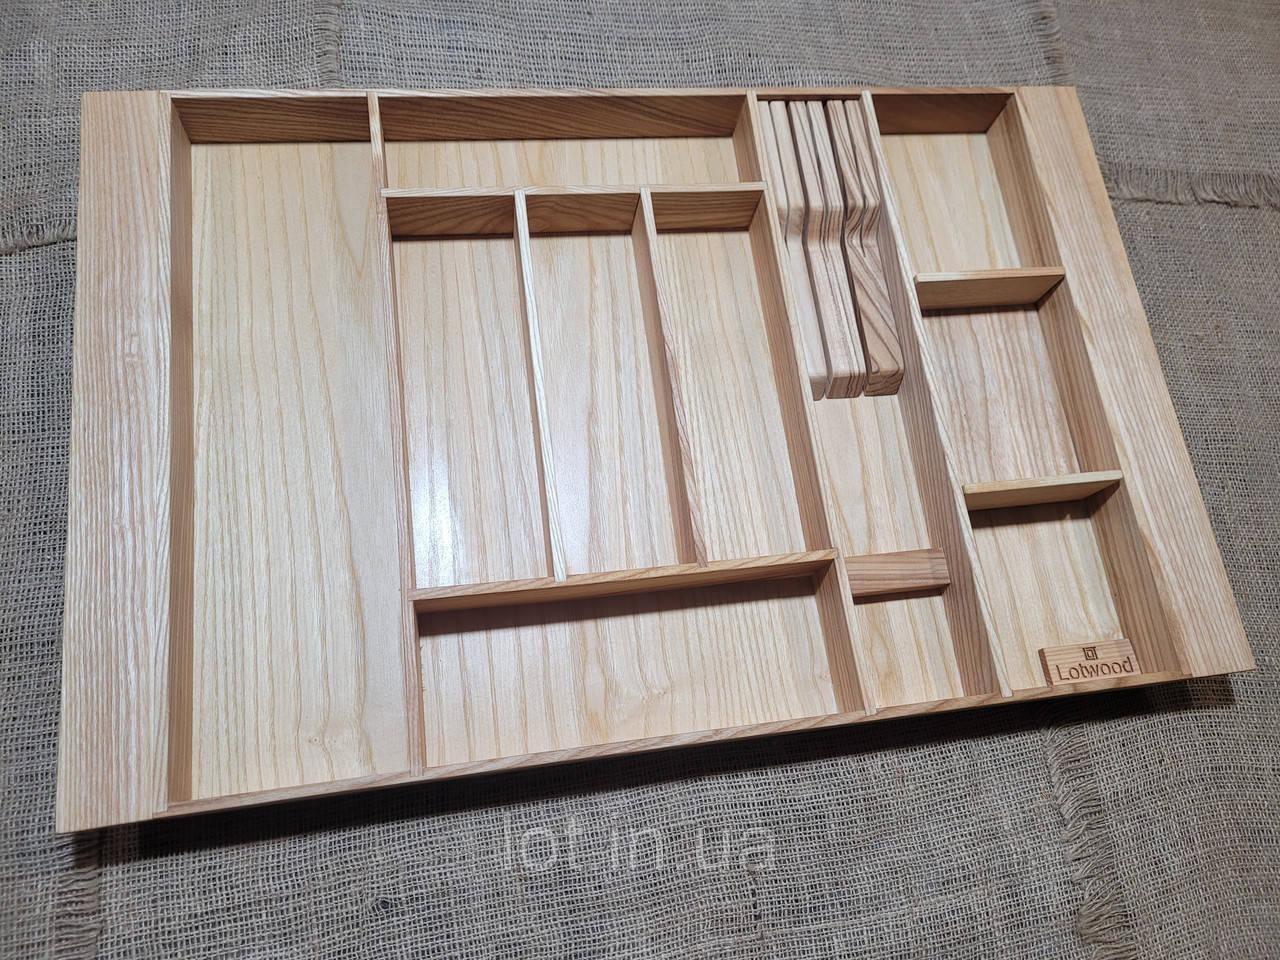 Лоток для столовых приборов LР3М1Т 609-700.450 ясень